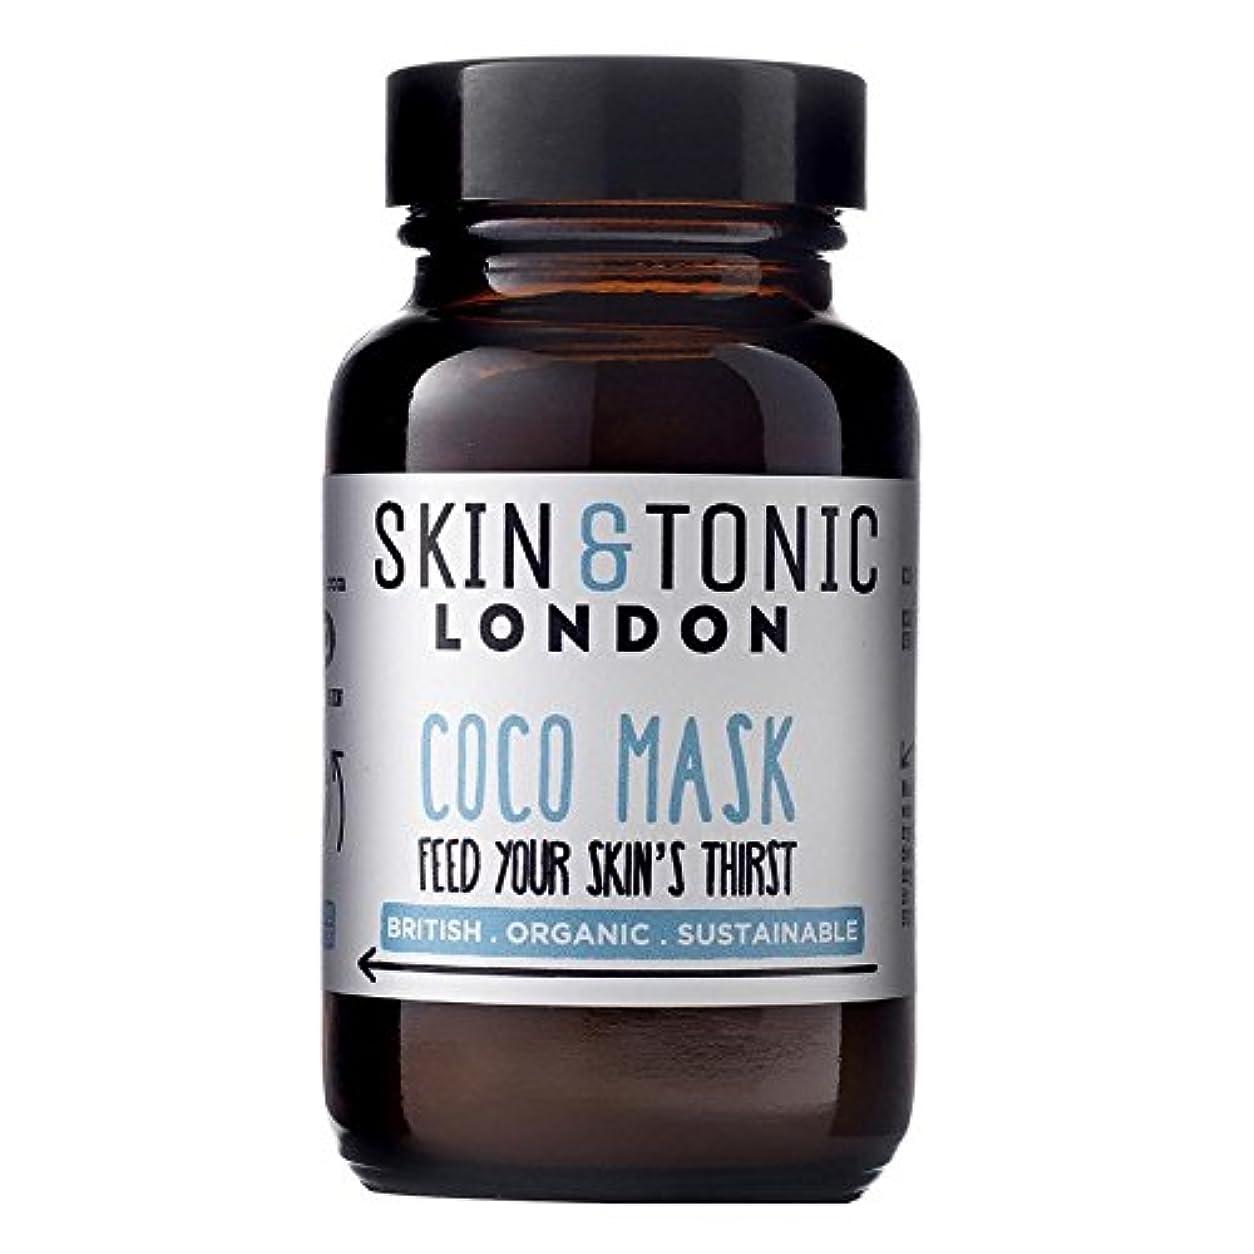 不名誉なインシデント深くSkin & Tonic London Coco Mask 50g (Pack of 6) - スキン&トニックロンドンココマスク50グラム x6 [並行輸入品]